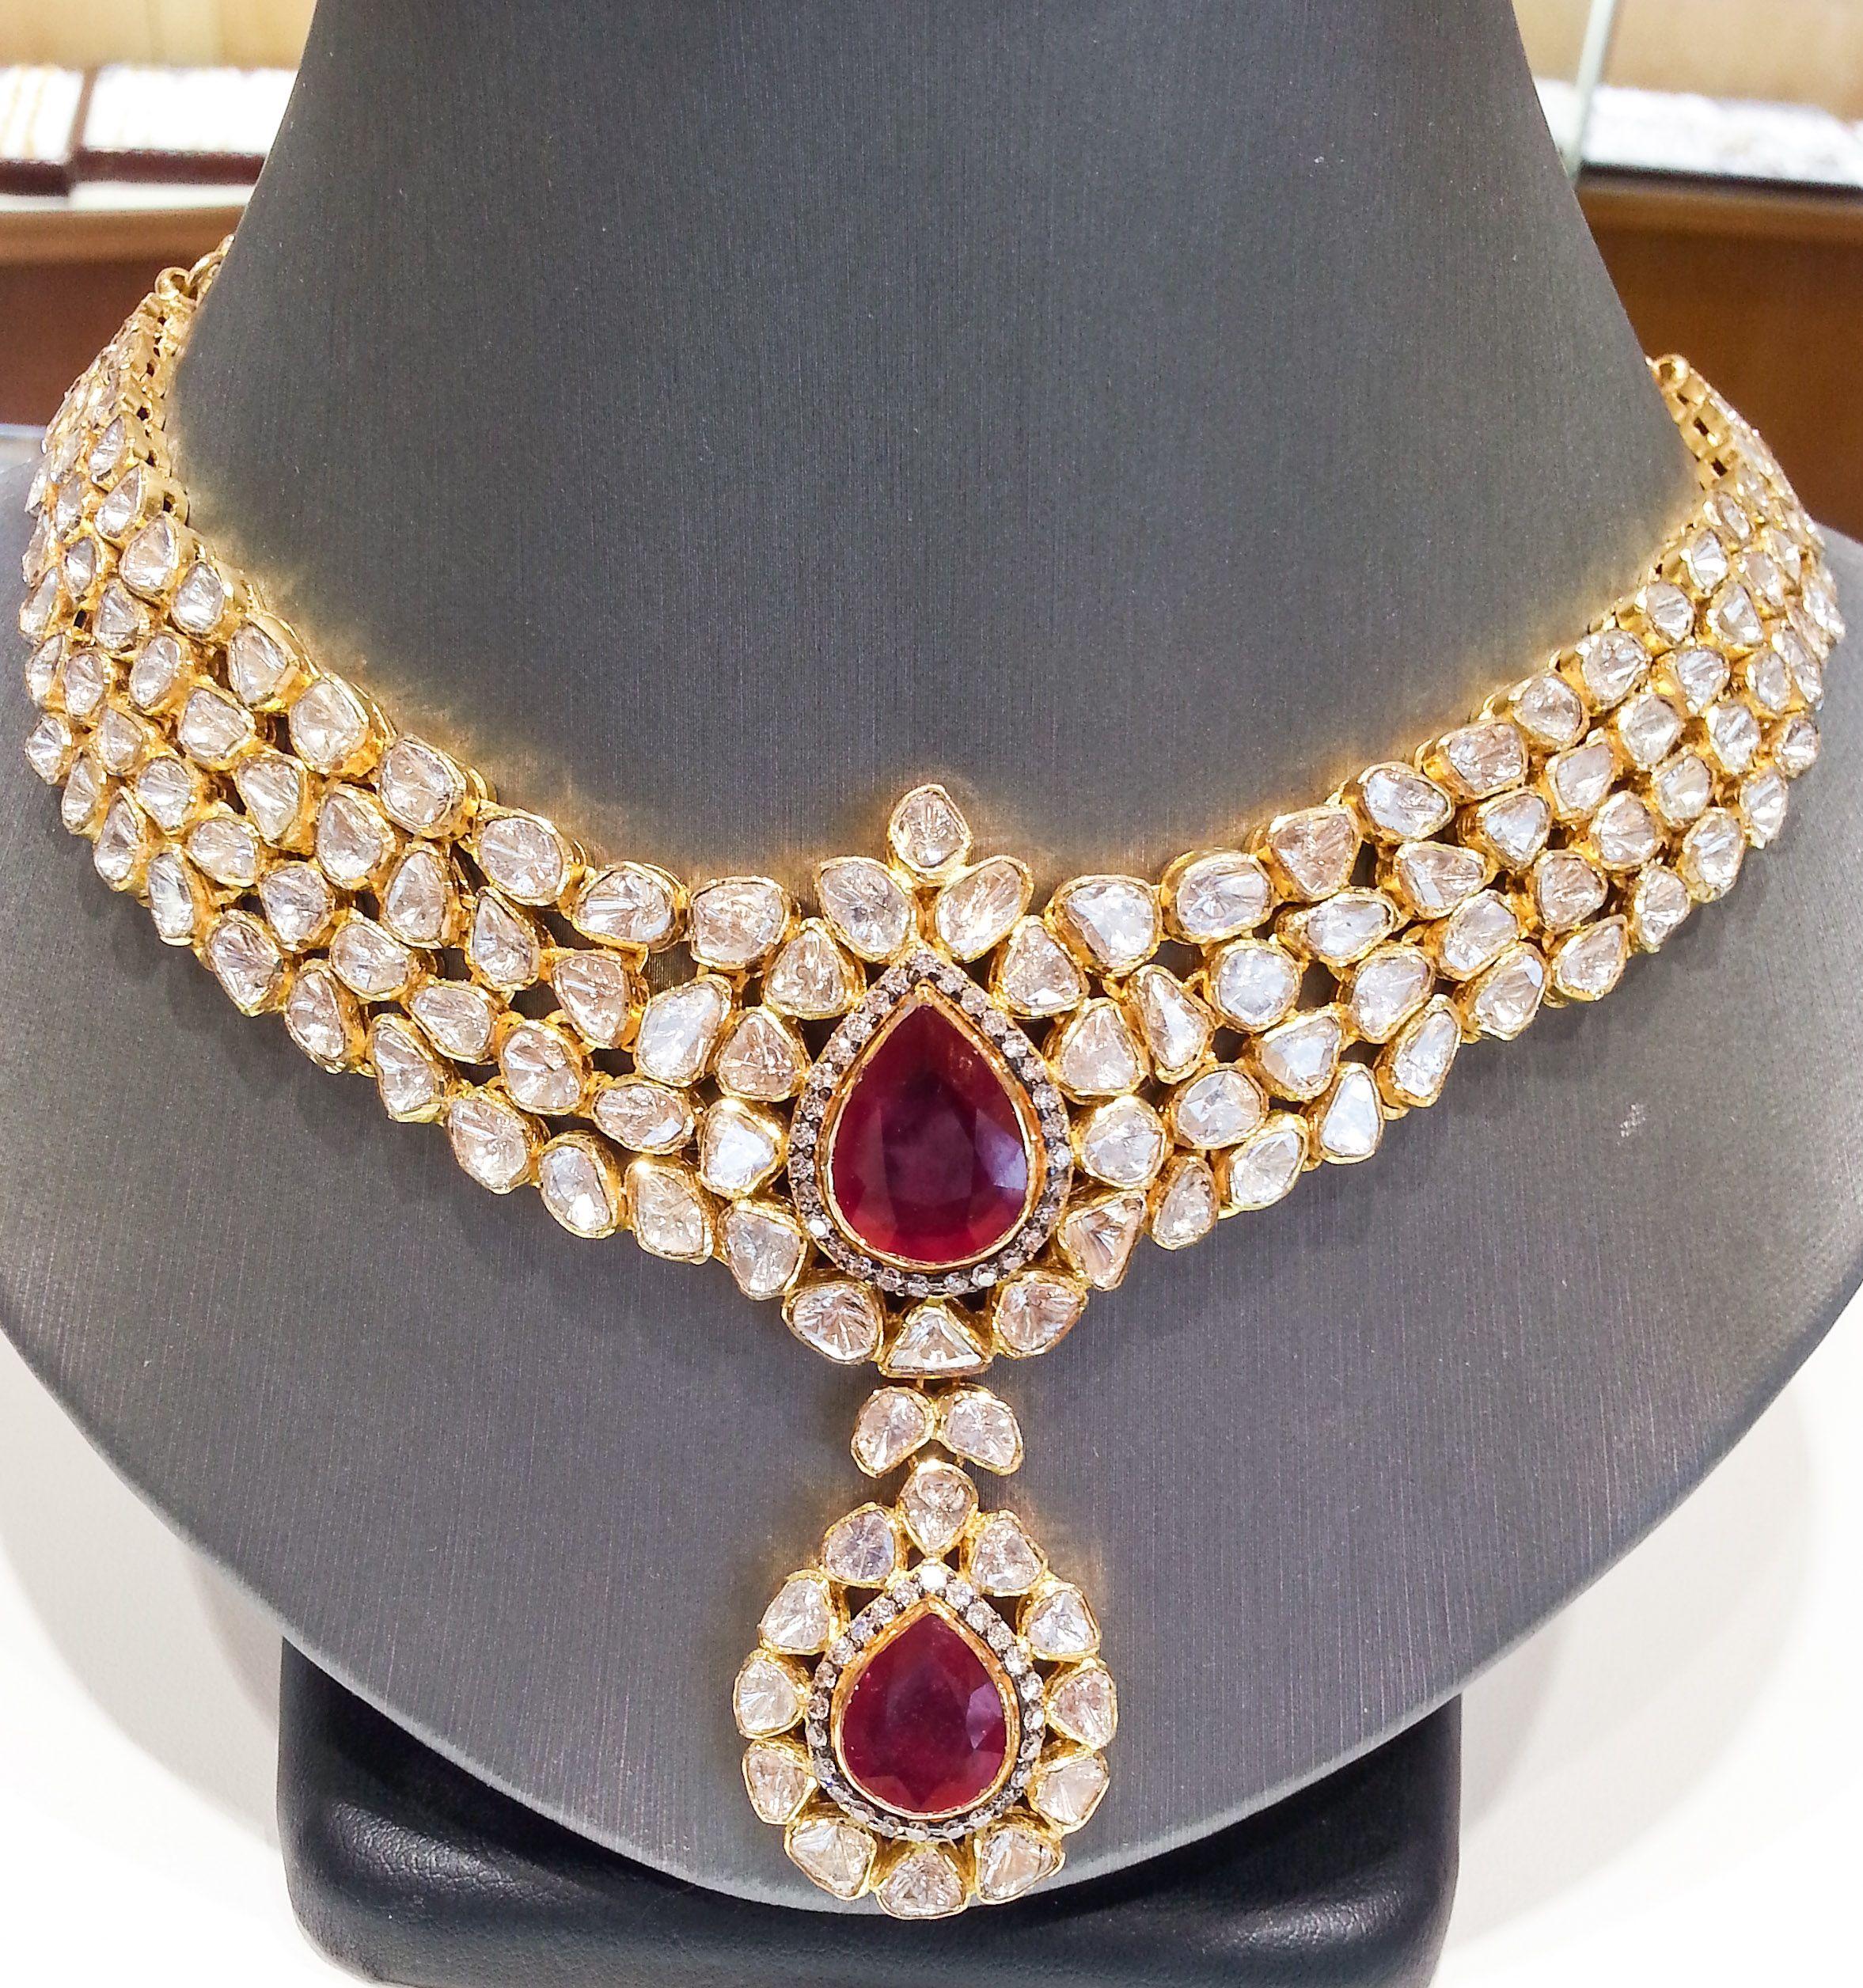 Pin on May Jewelers Inc.